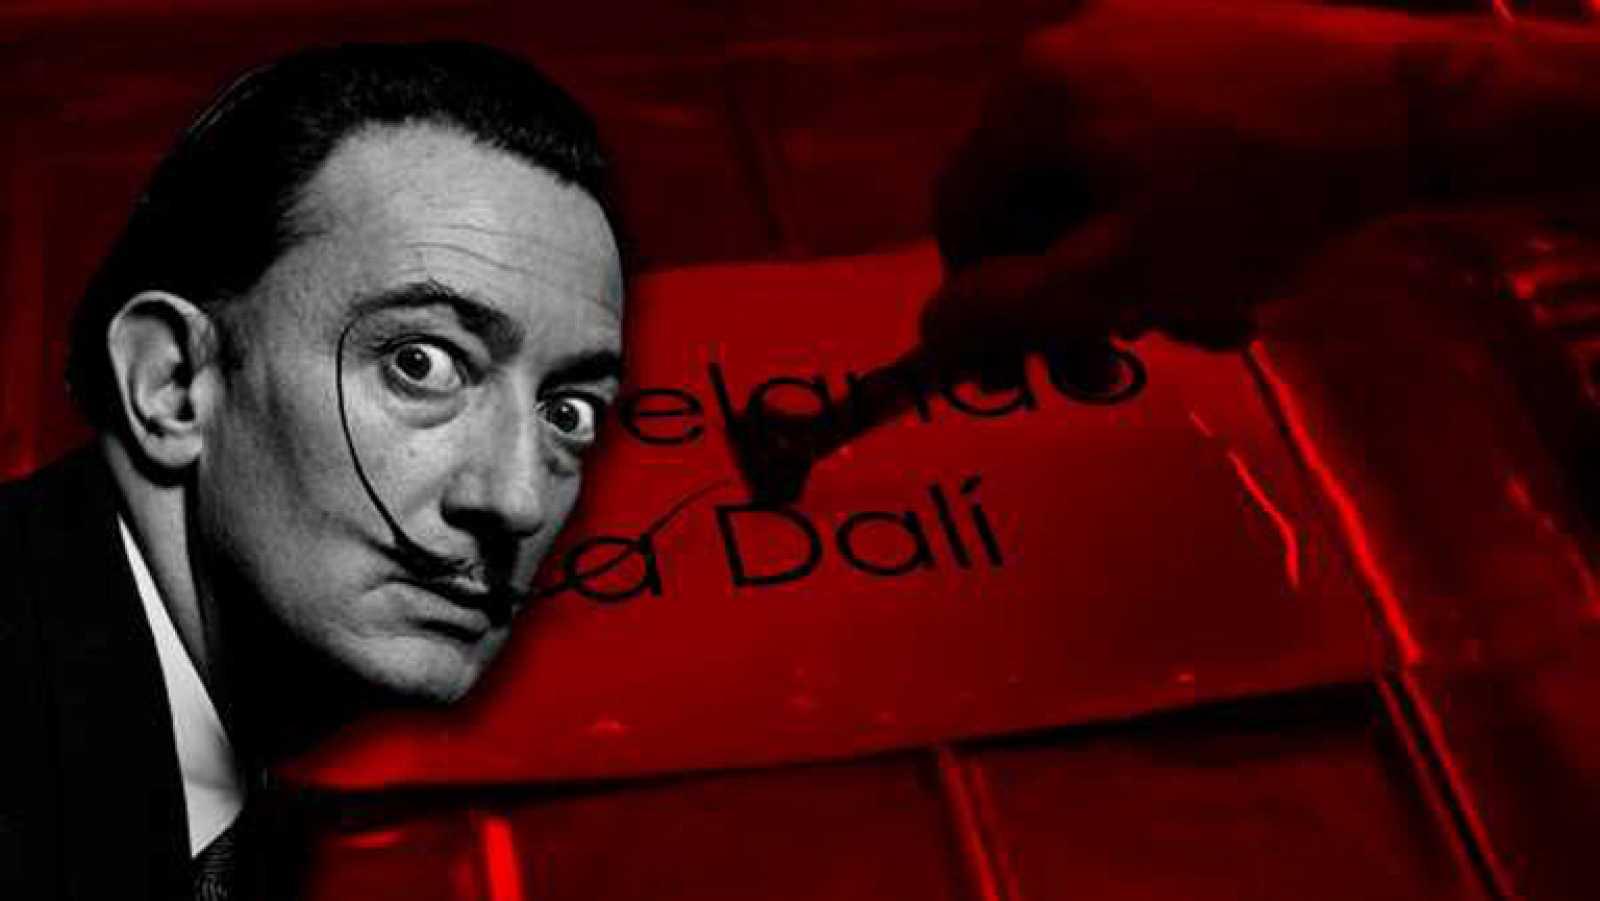 26ca9986ecc3 La Noche de... - Revelando a Dalí - RTVE.es